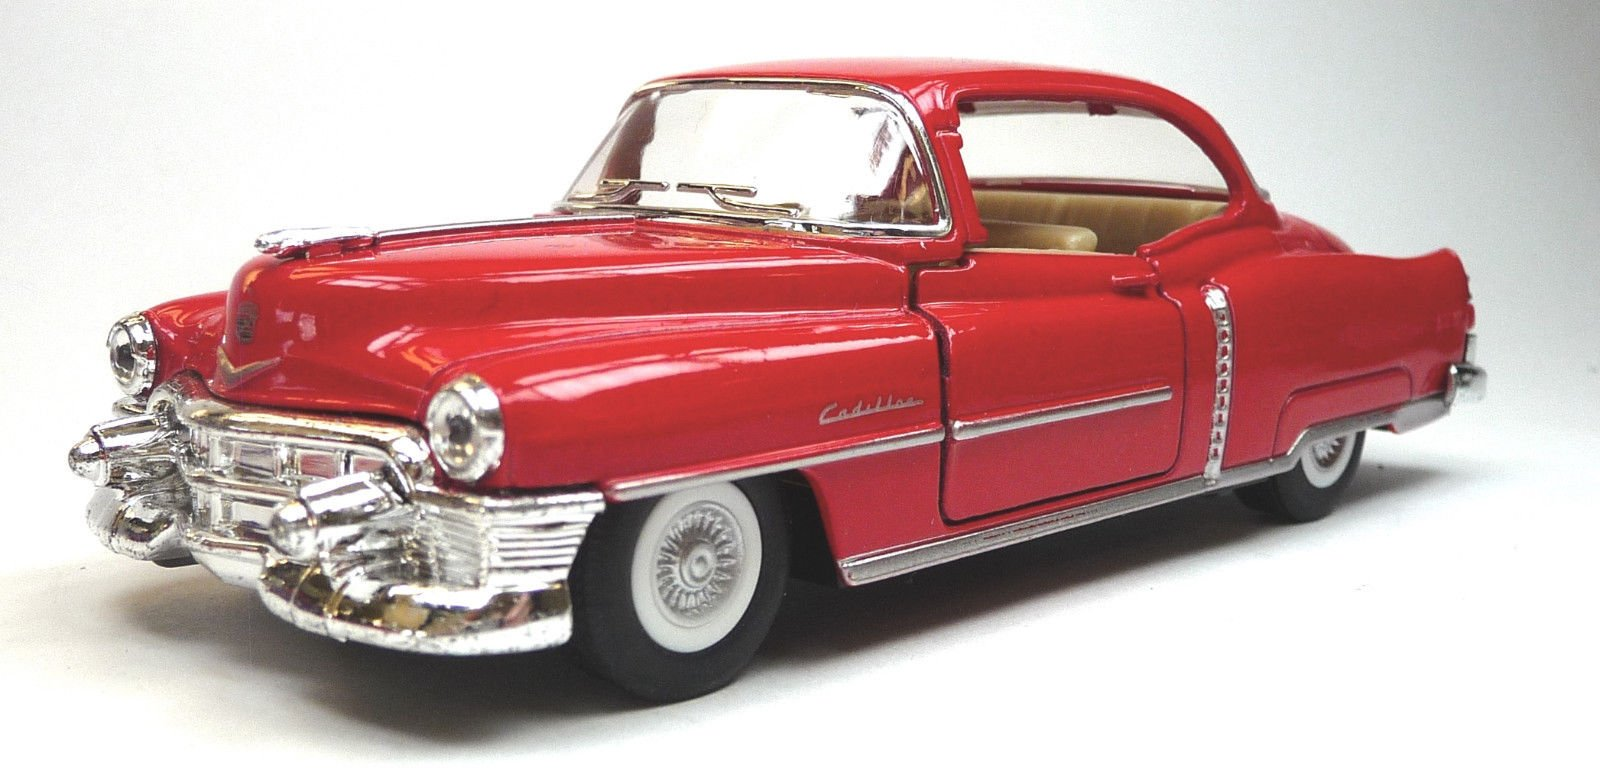 1953 Cadillac.jpg